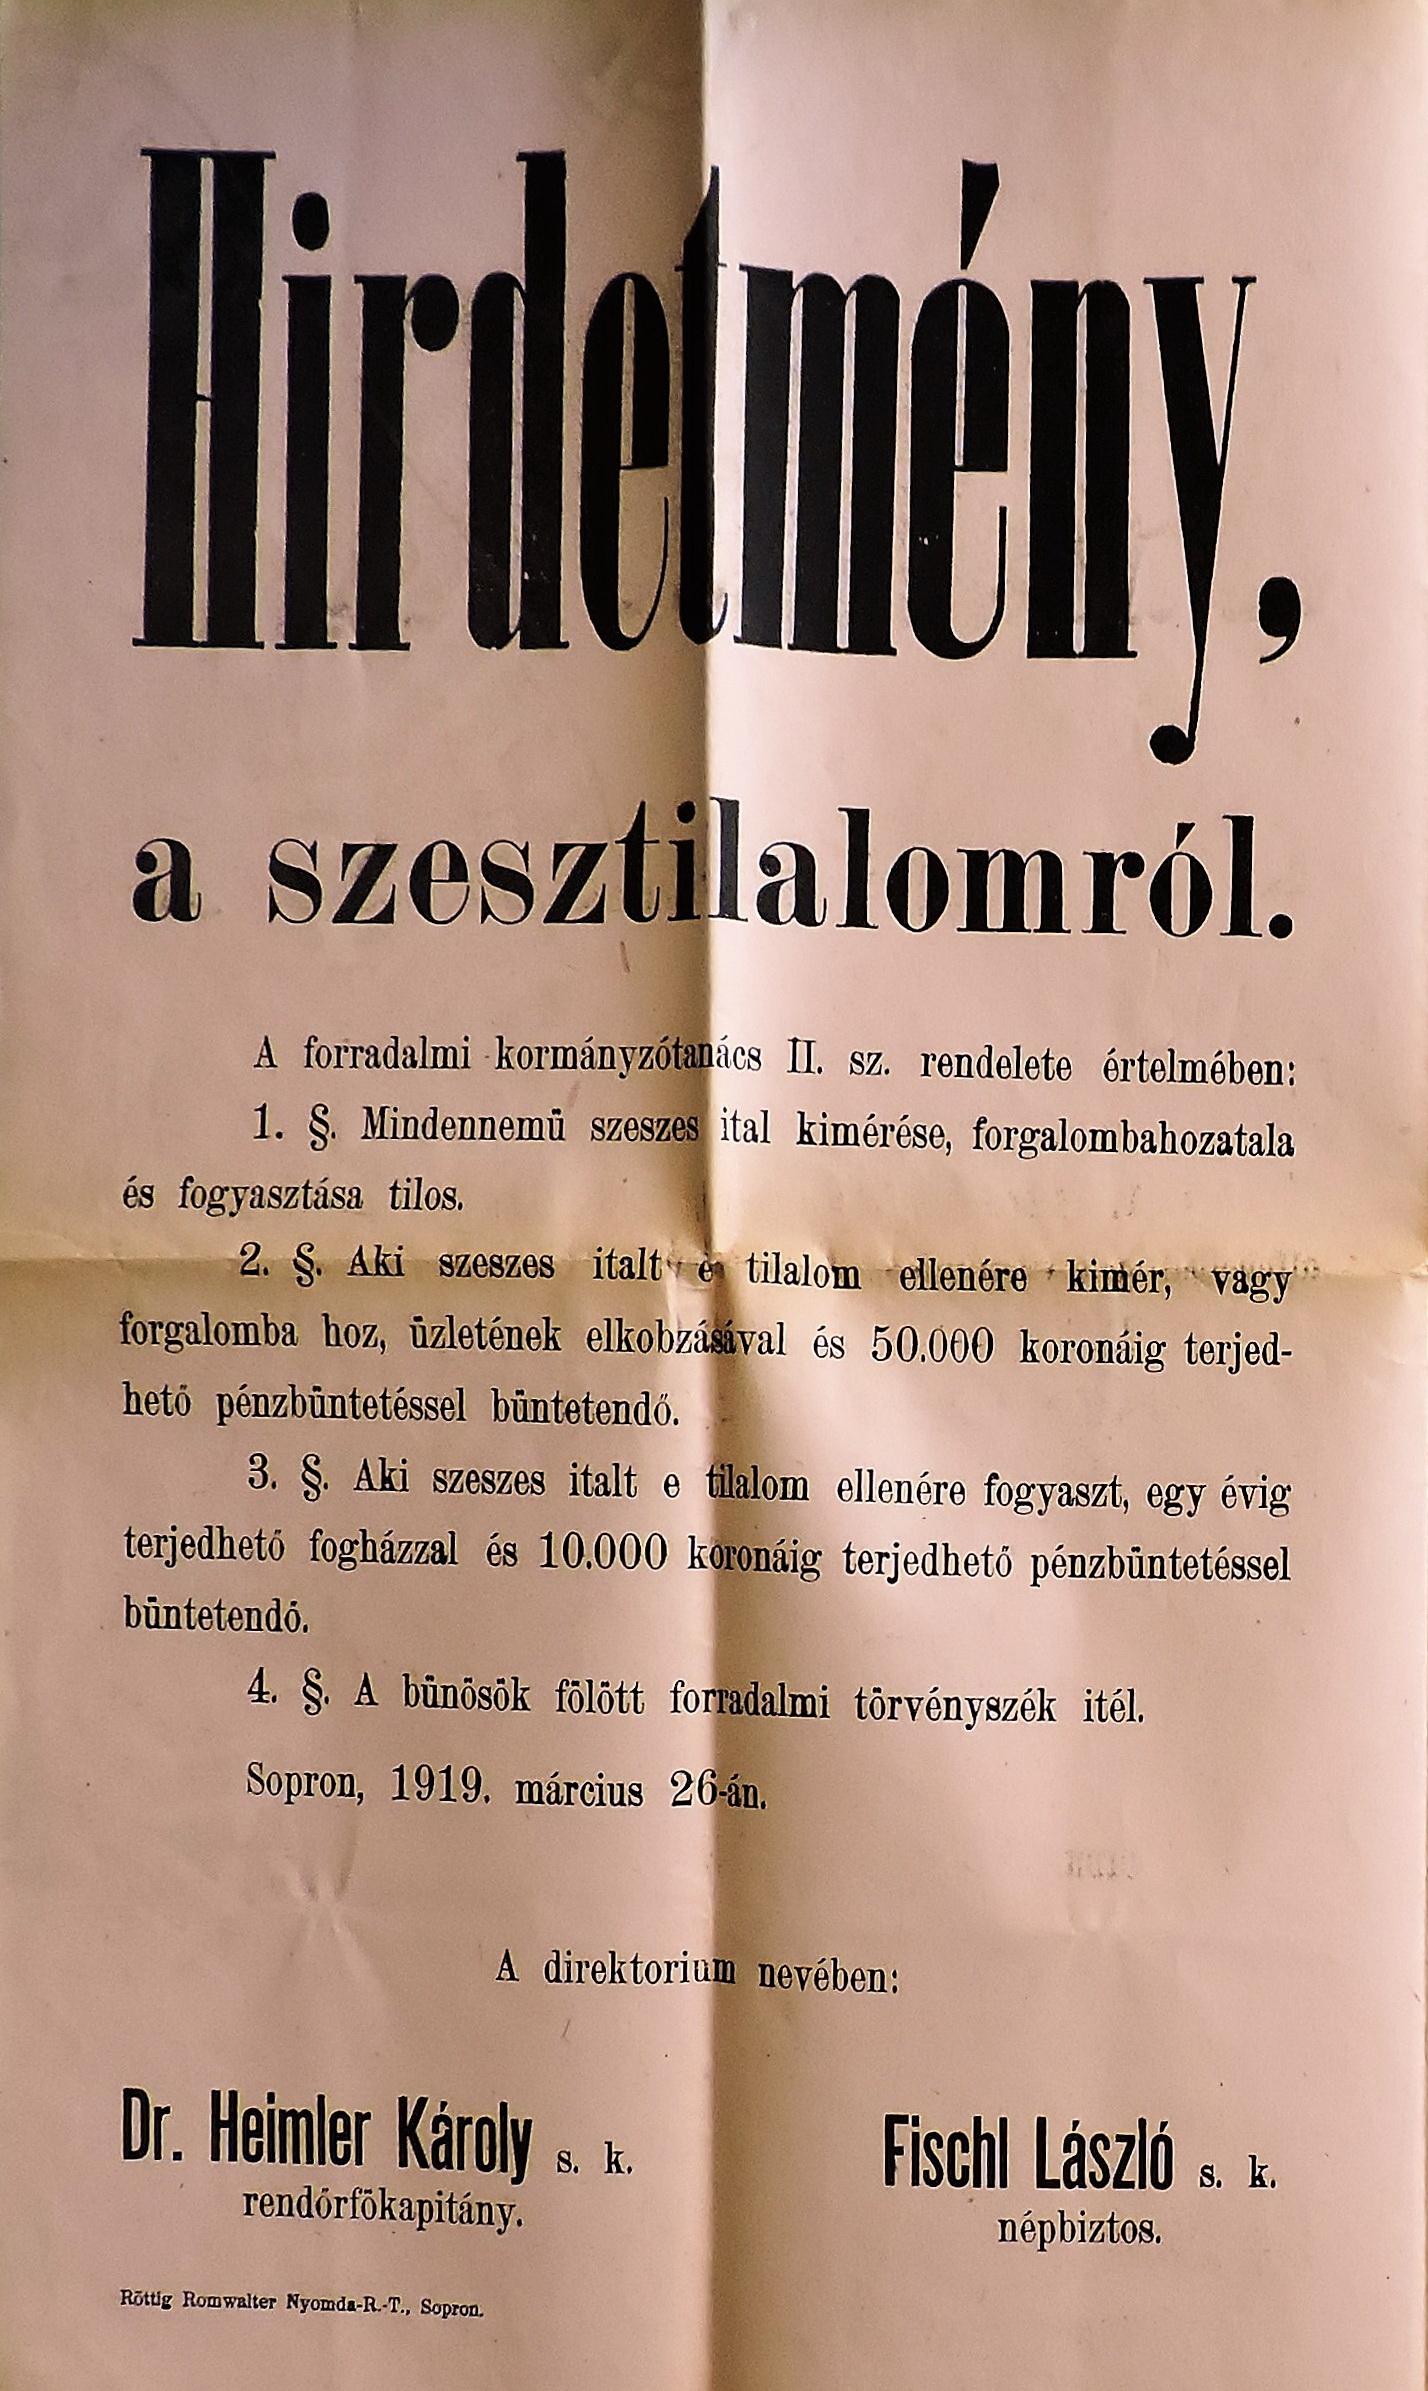 2_hirdetmeny_a_szesztilalomrol_1919_03_26_mnl_gymsm_soproni_leveltara.JPG